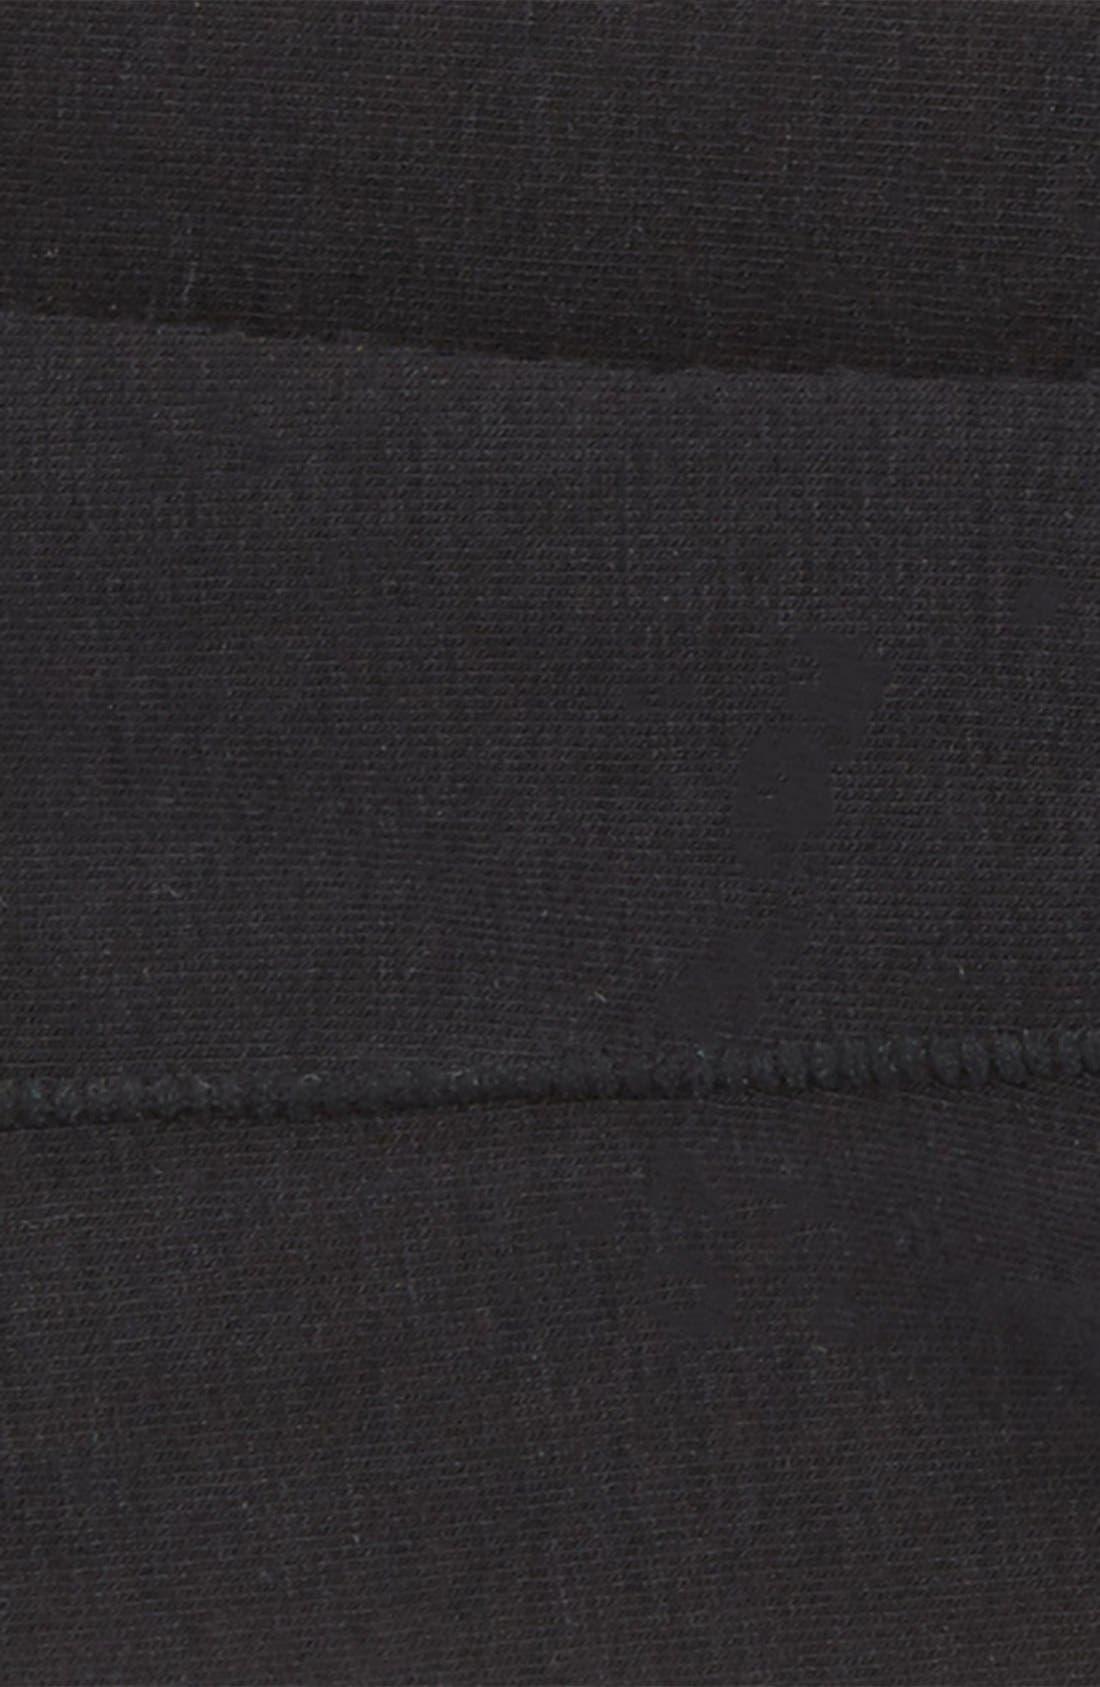 Alternate Image 2  - Calvin Klein 'Ultra Fit' Laser Cut Liner Socks